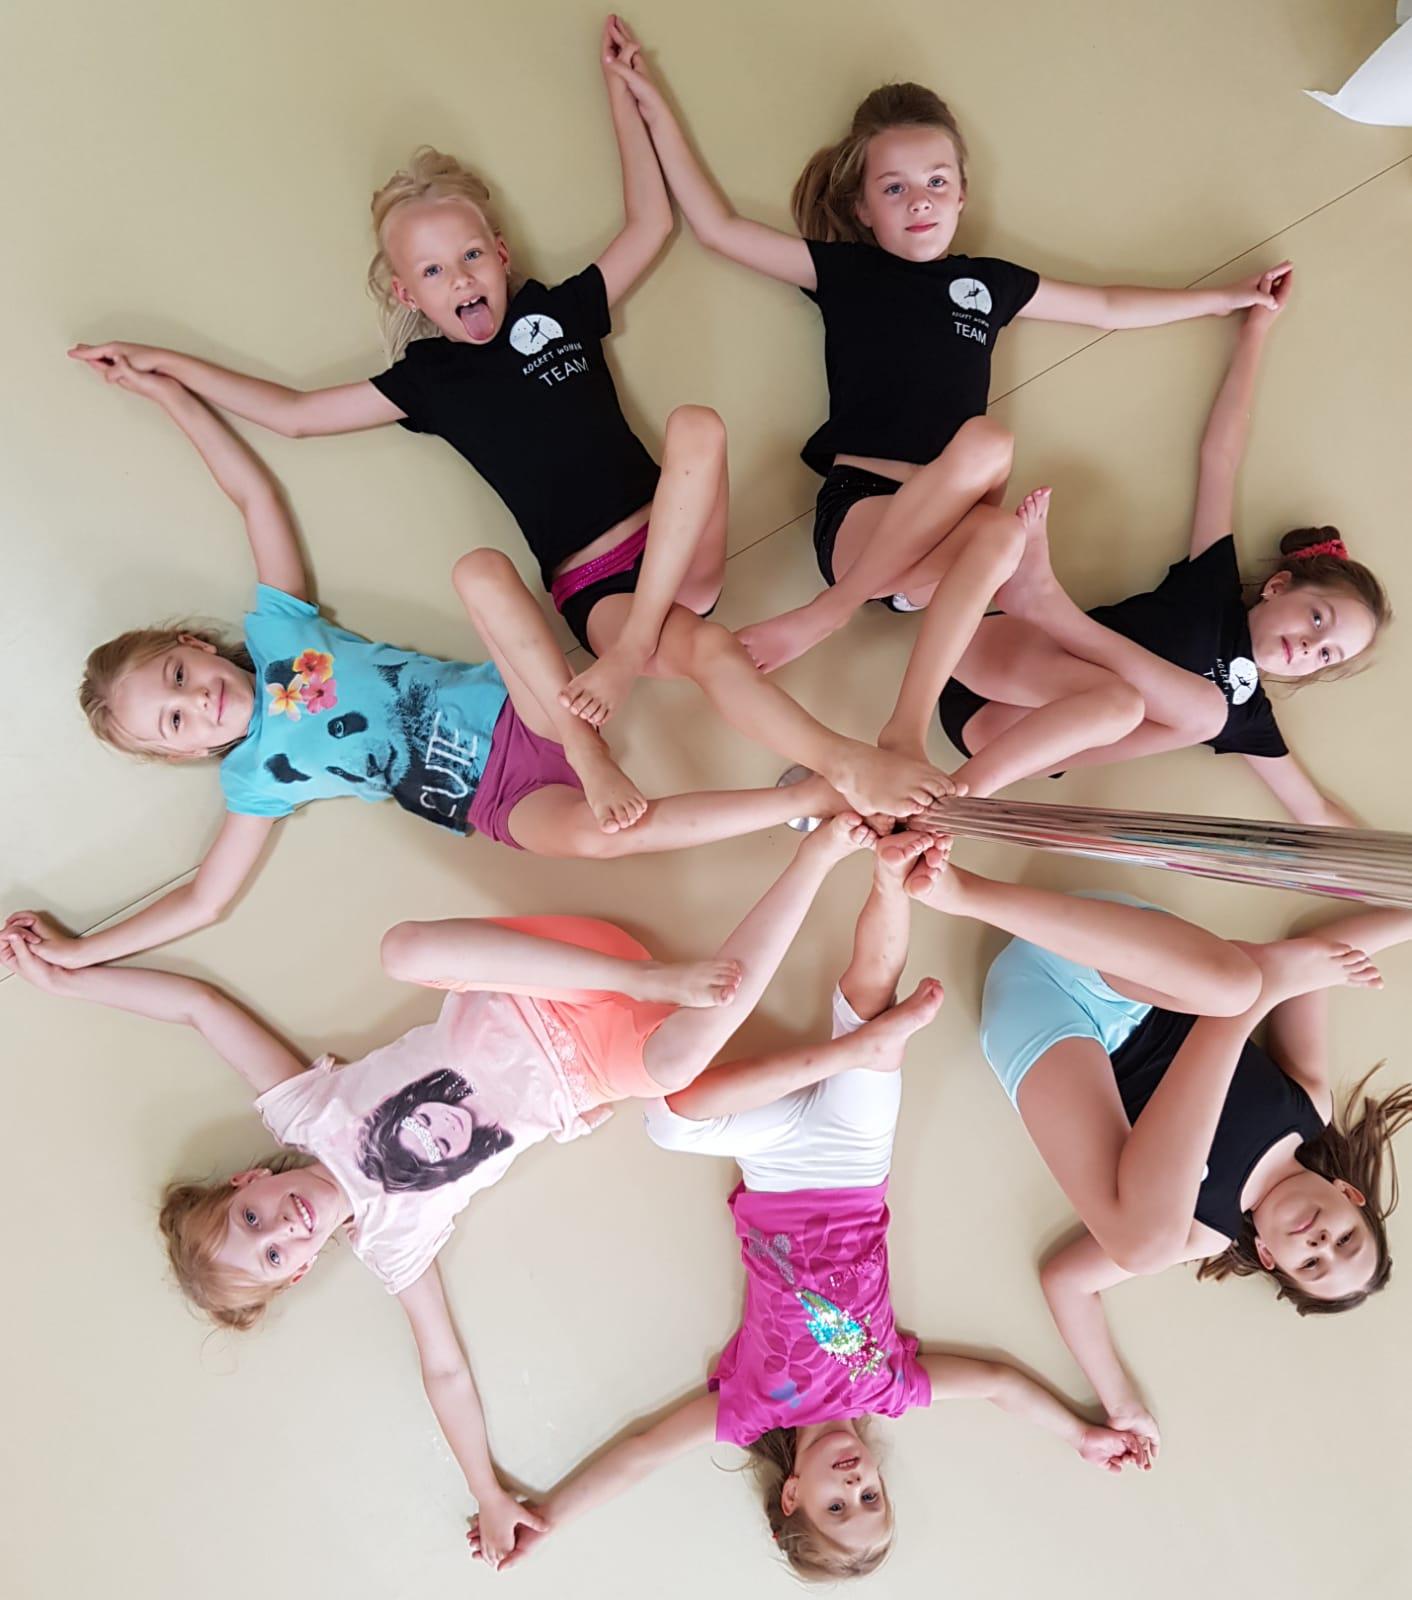 Pole kids w komplecie i w znakomitych nastrojach 😊